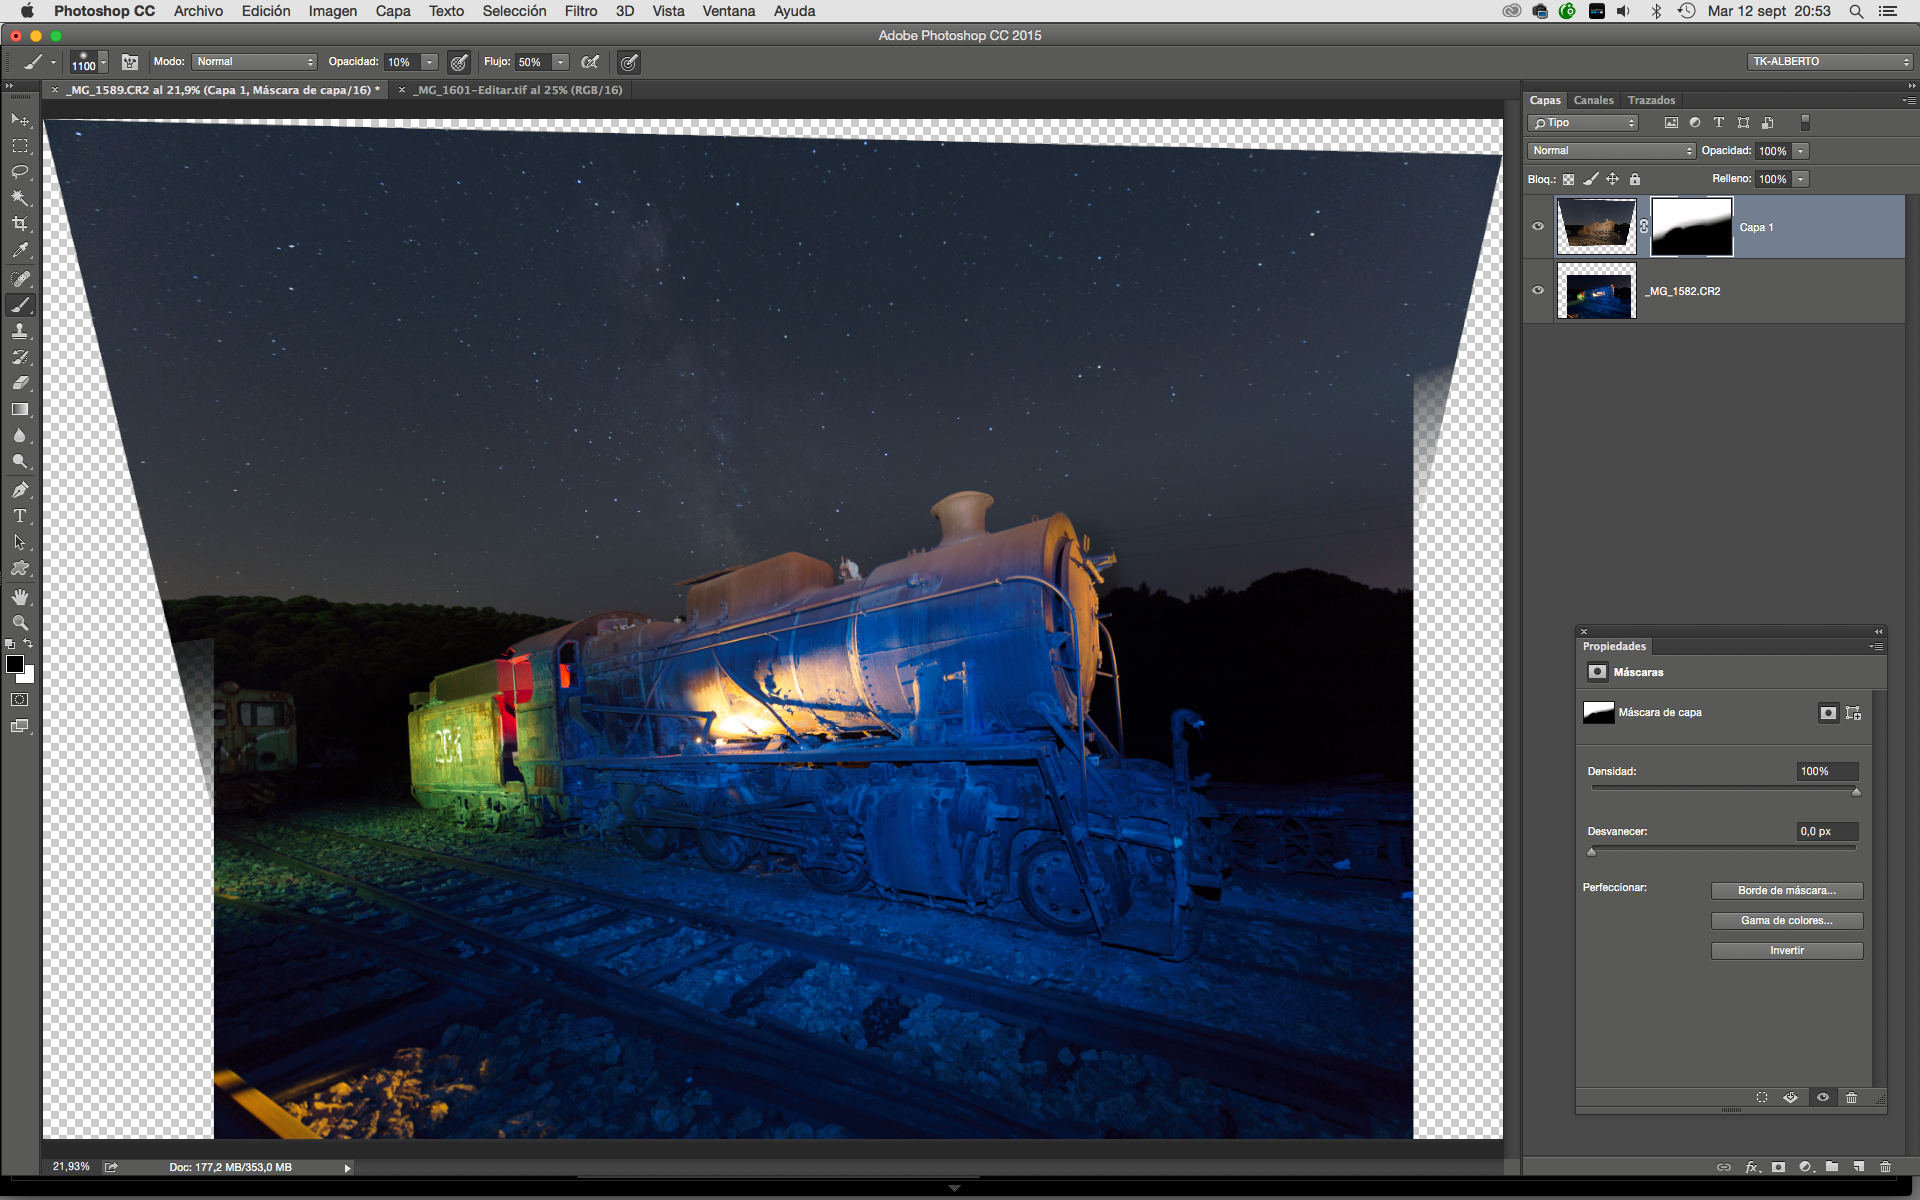 Des gels couleur pour flash sur les paysages industriels : édition sur Photoshop